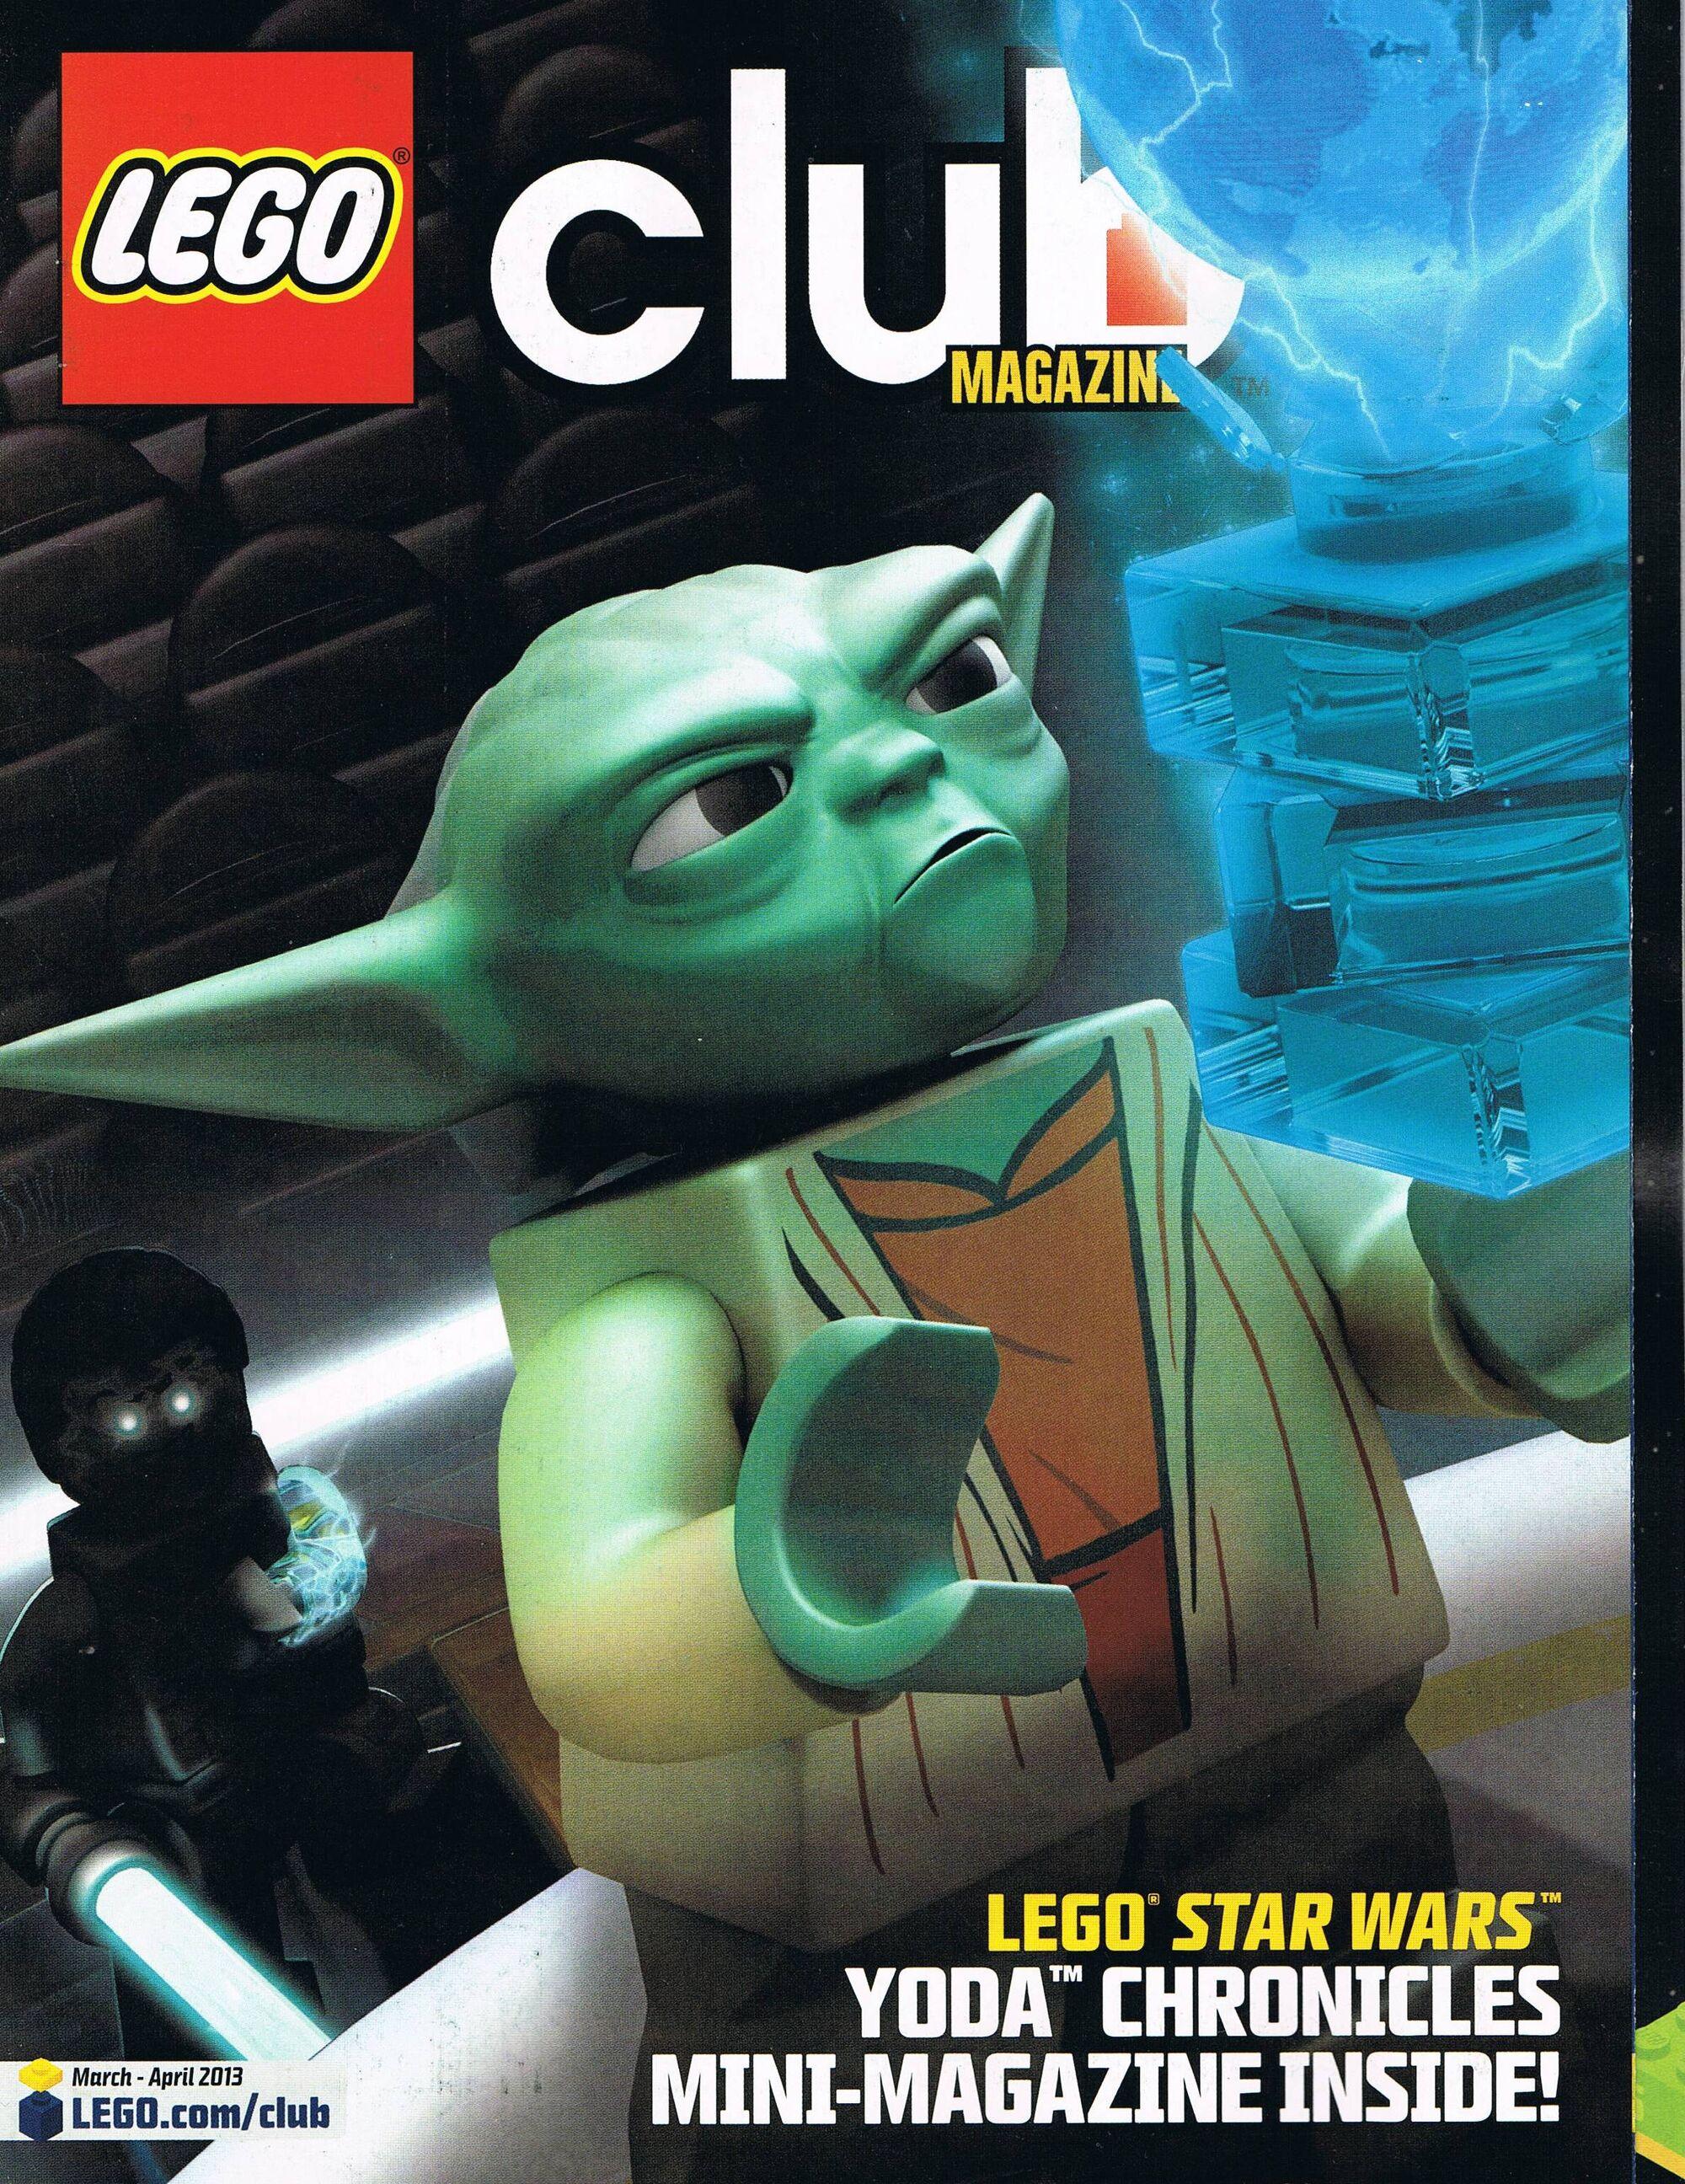 Yoda Cronicles